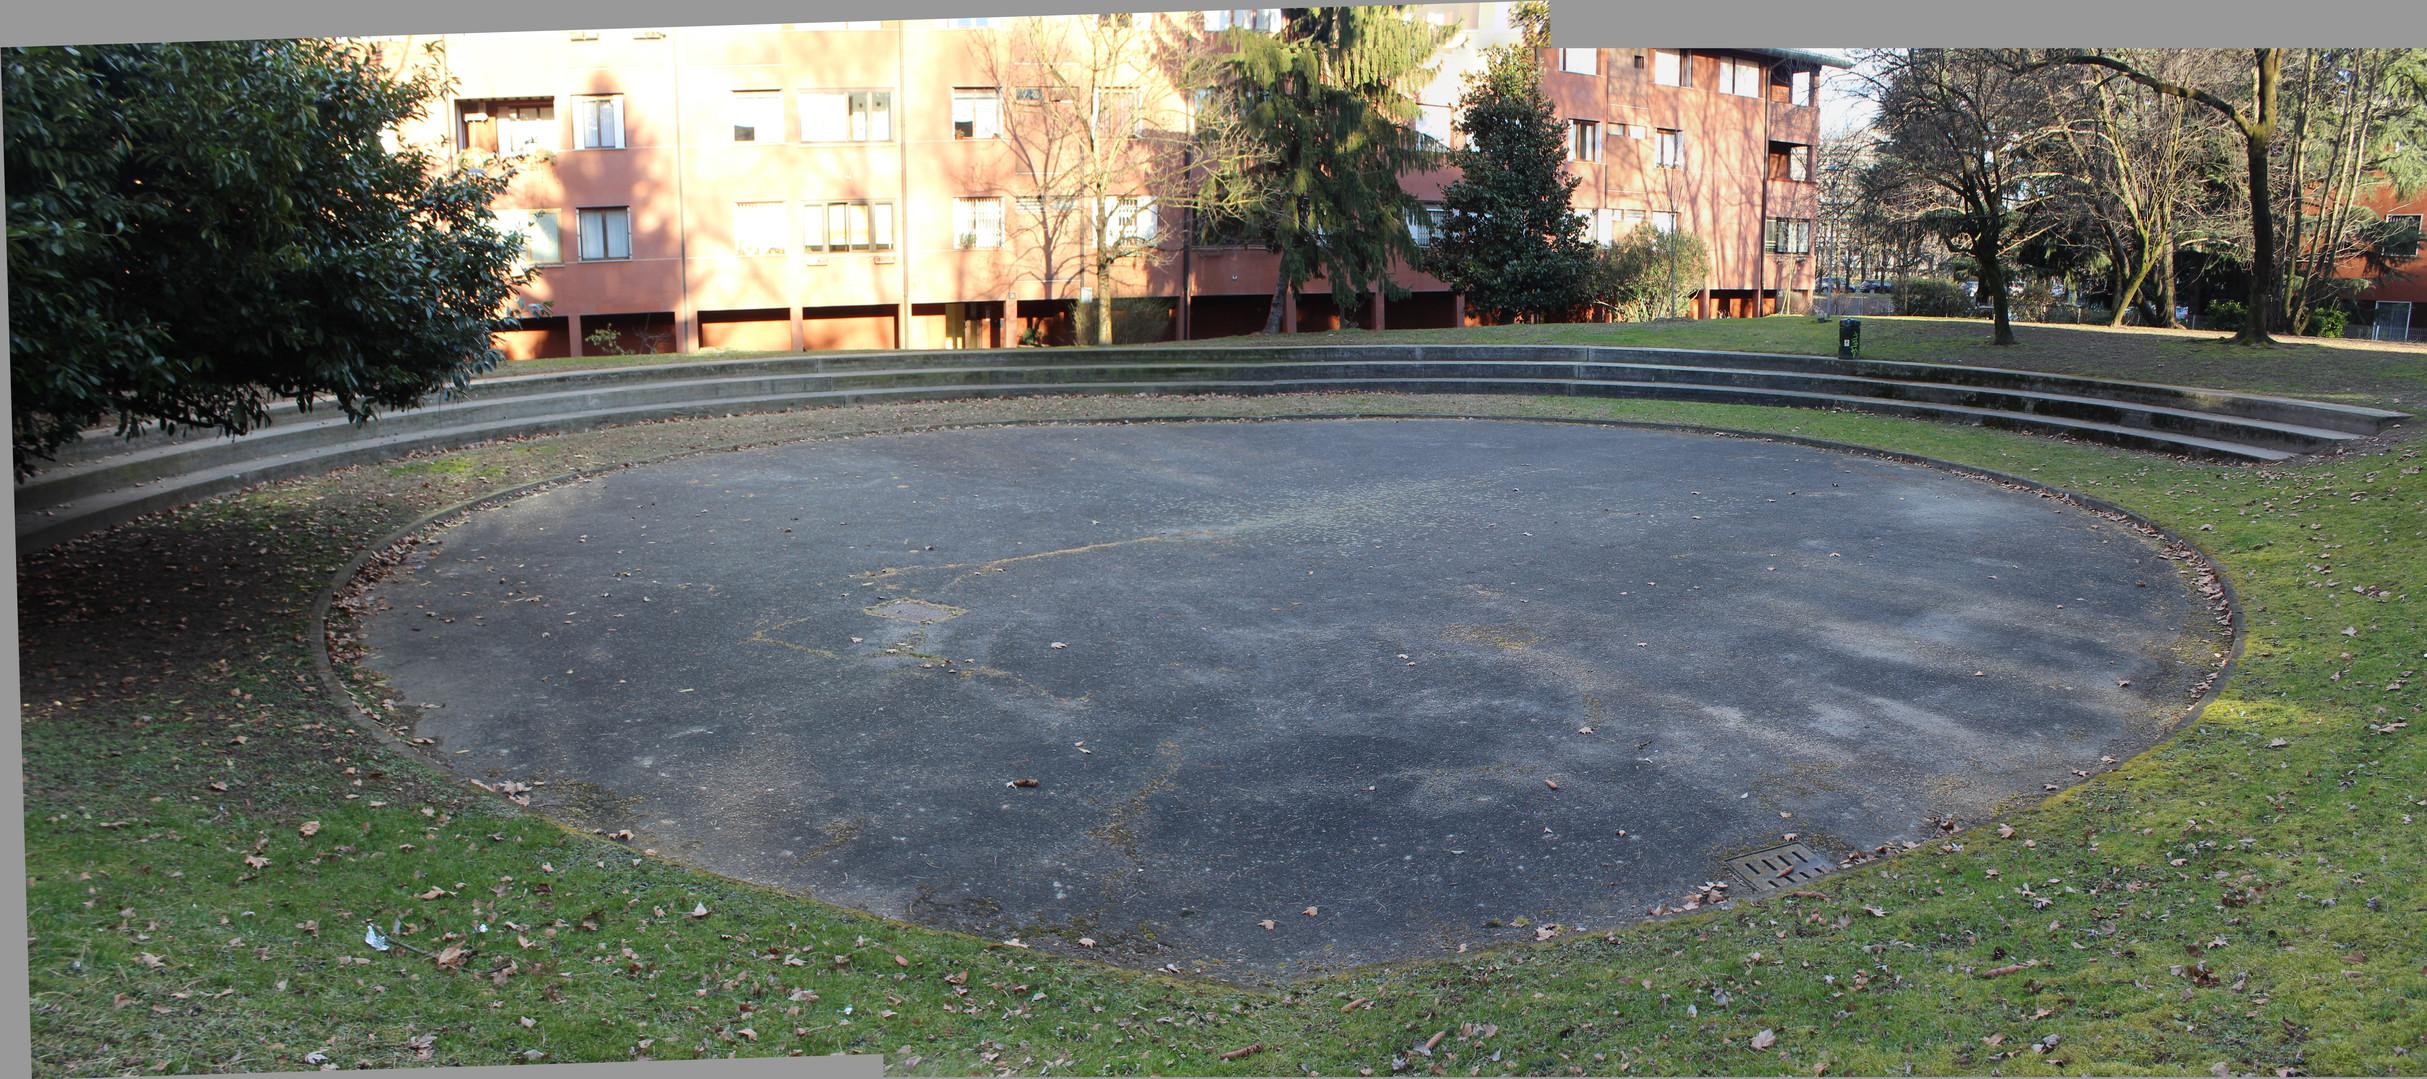 Arena via Ravenna